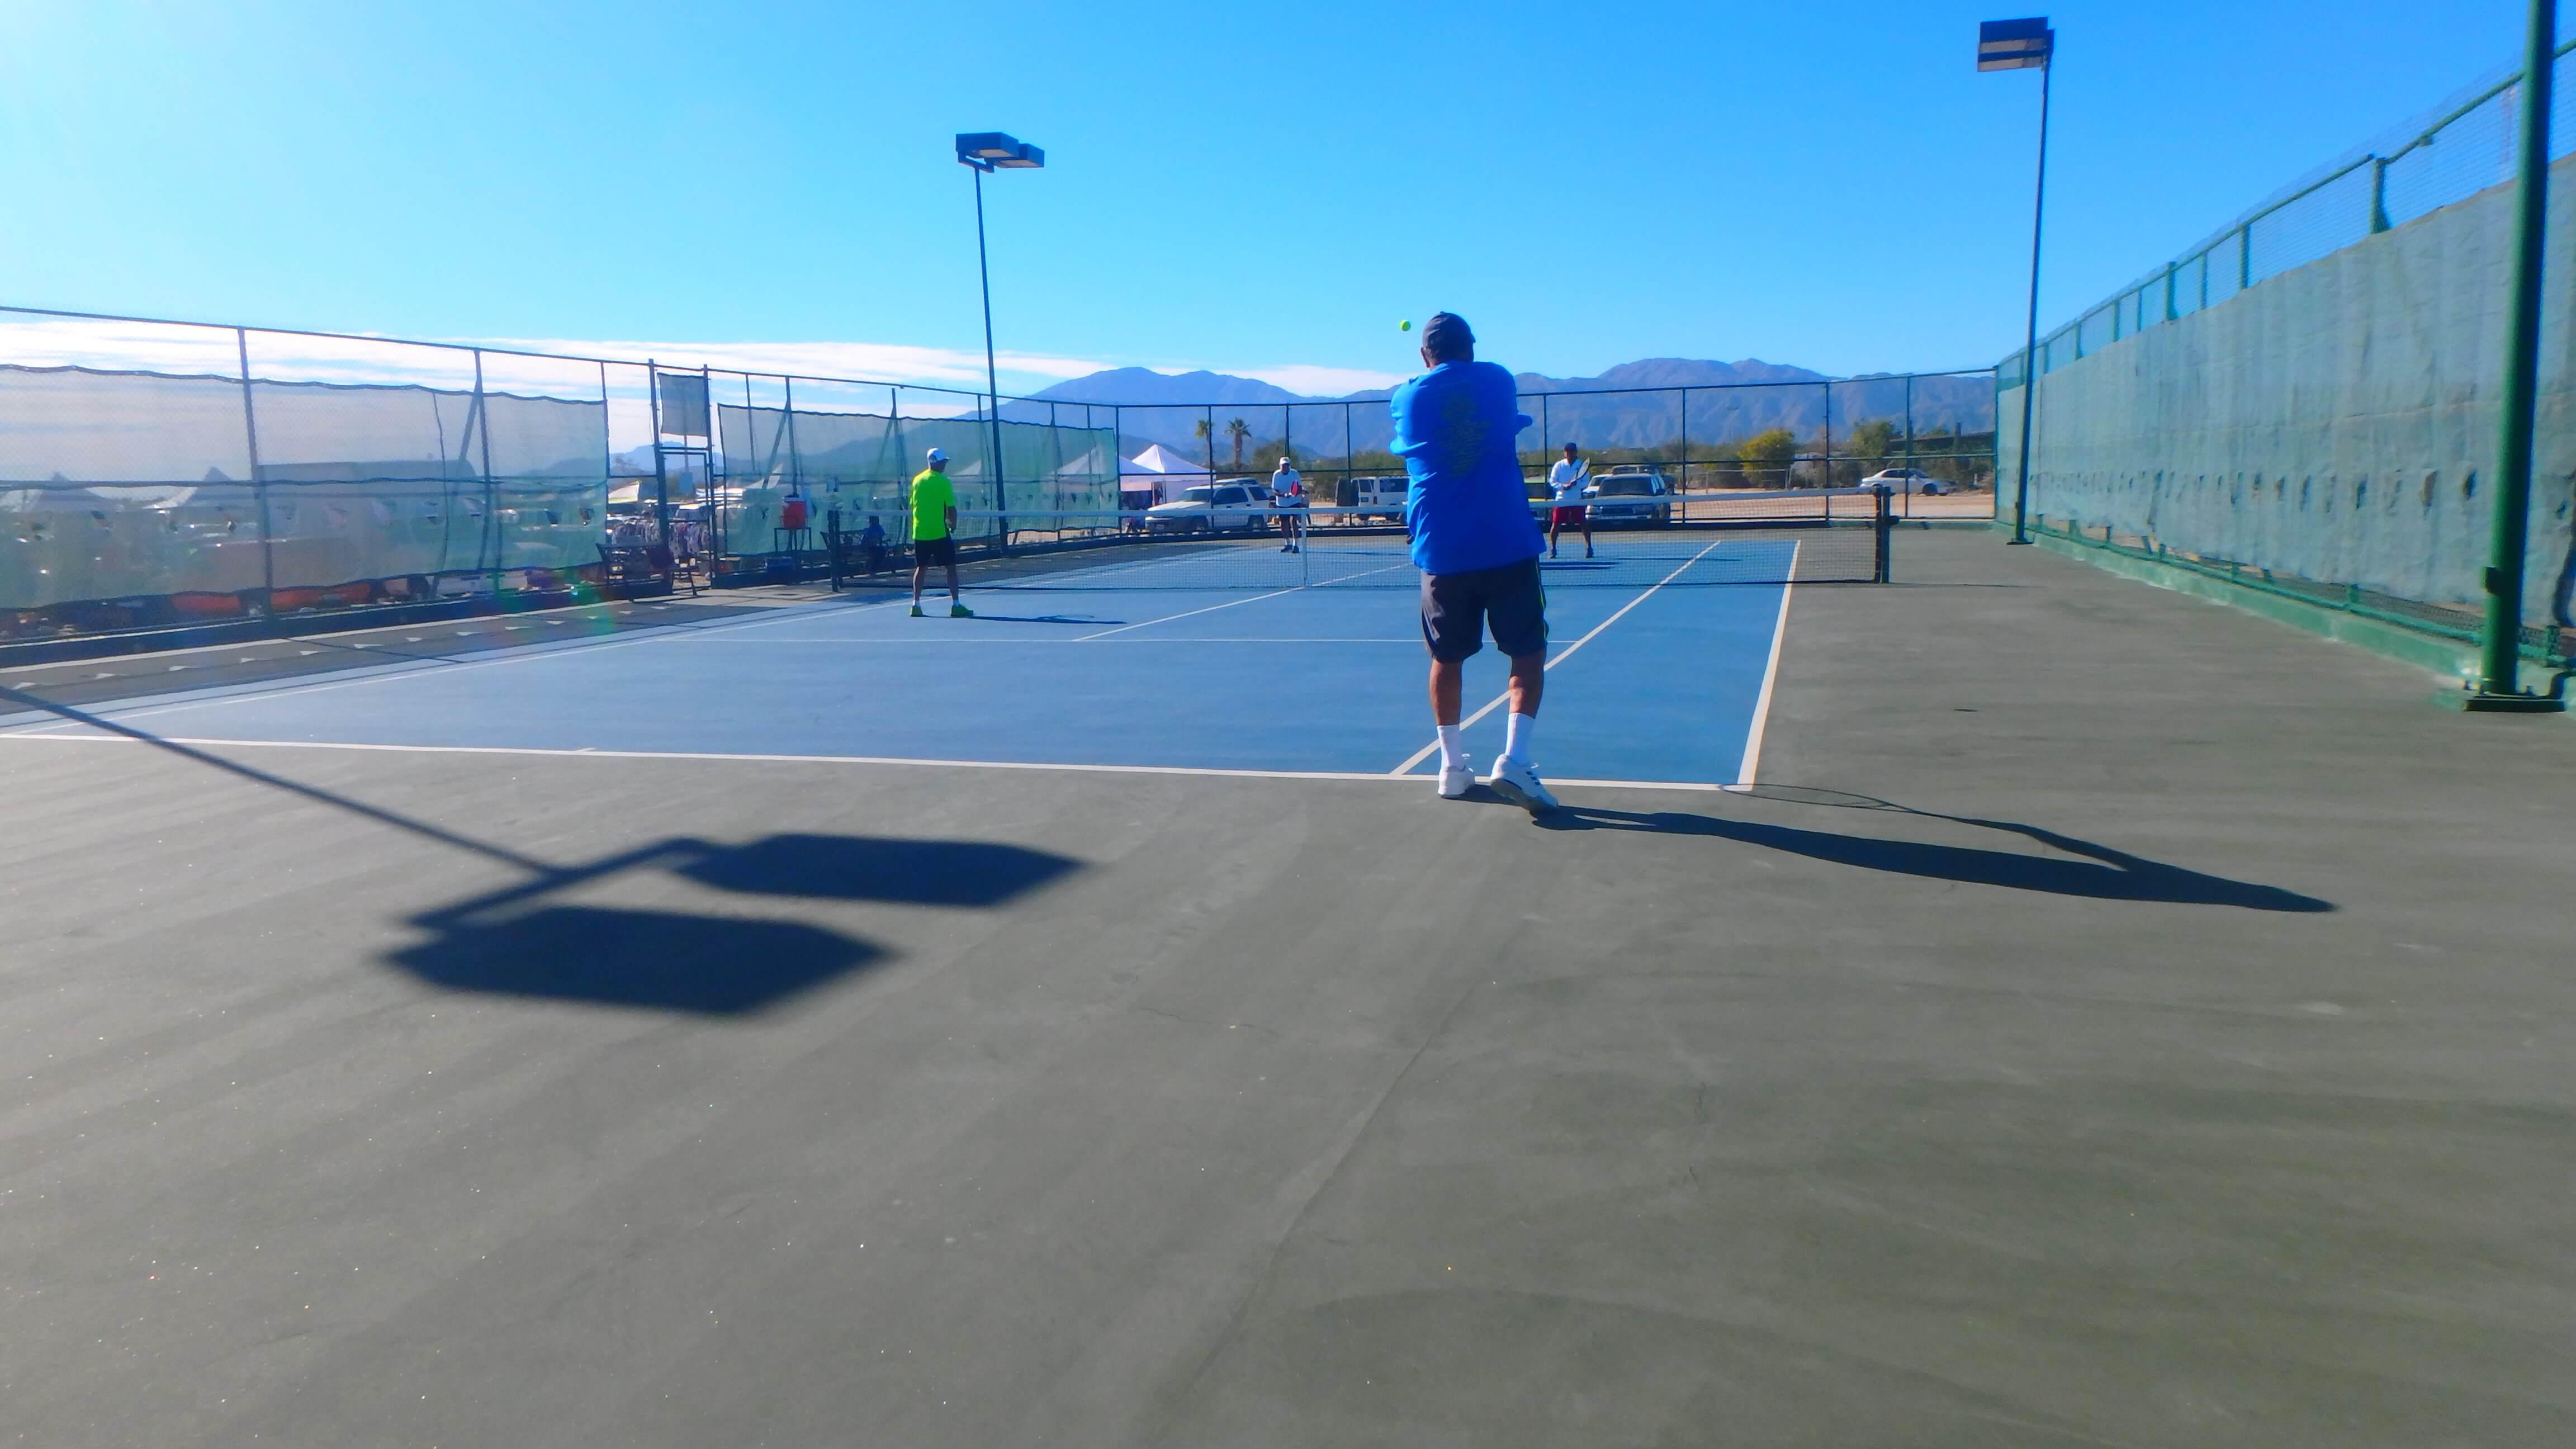 Tenis Court La Ventana del Mar